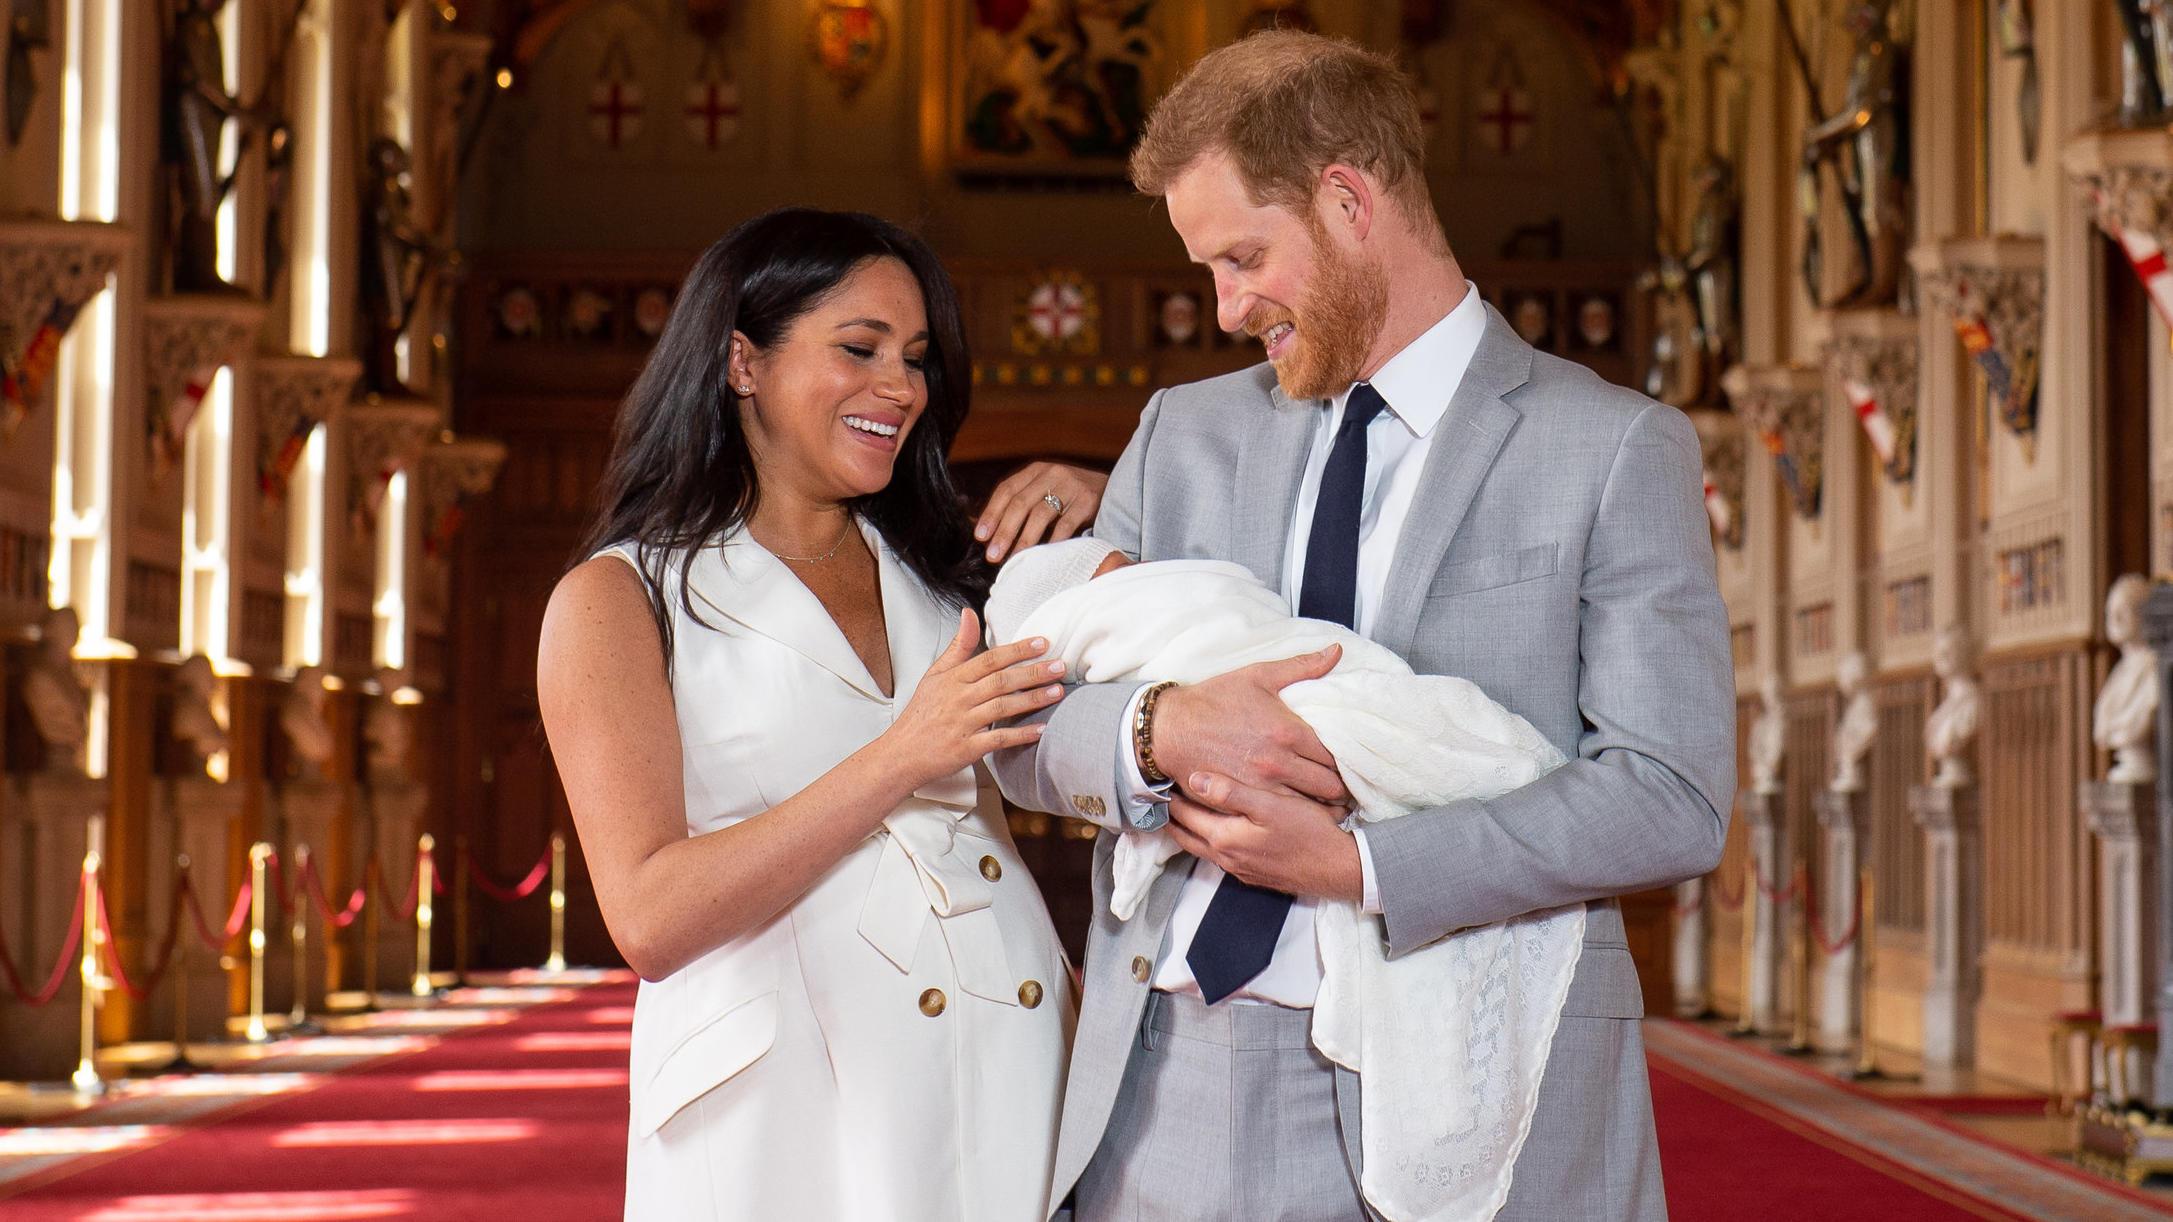 Großbritannien Windsor Prinz Harry von Großbritannien und Meghan Herzogin von Sussex halten ihren noch namenlosen Sohn in der St. George's Hall im Windsor Castle im Arm. Das noch namenlose